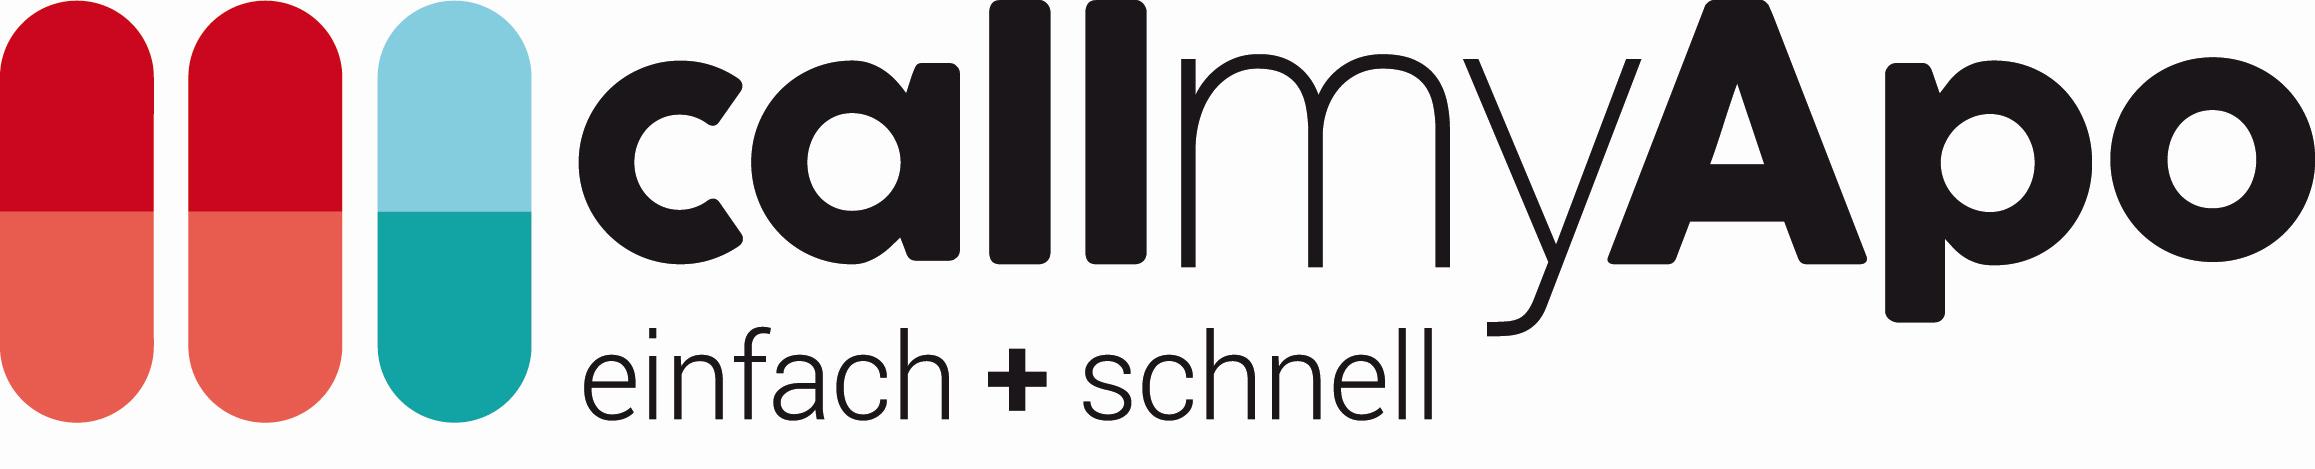 Vorbestell APP der Galenus Apotheke Halle / Saale